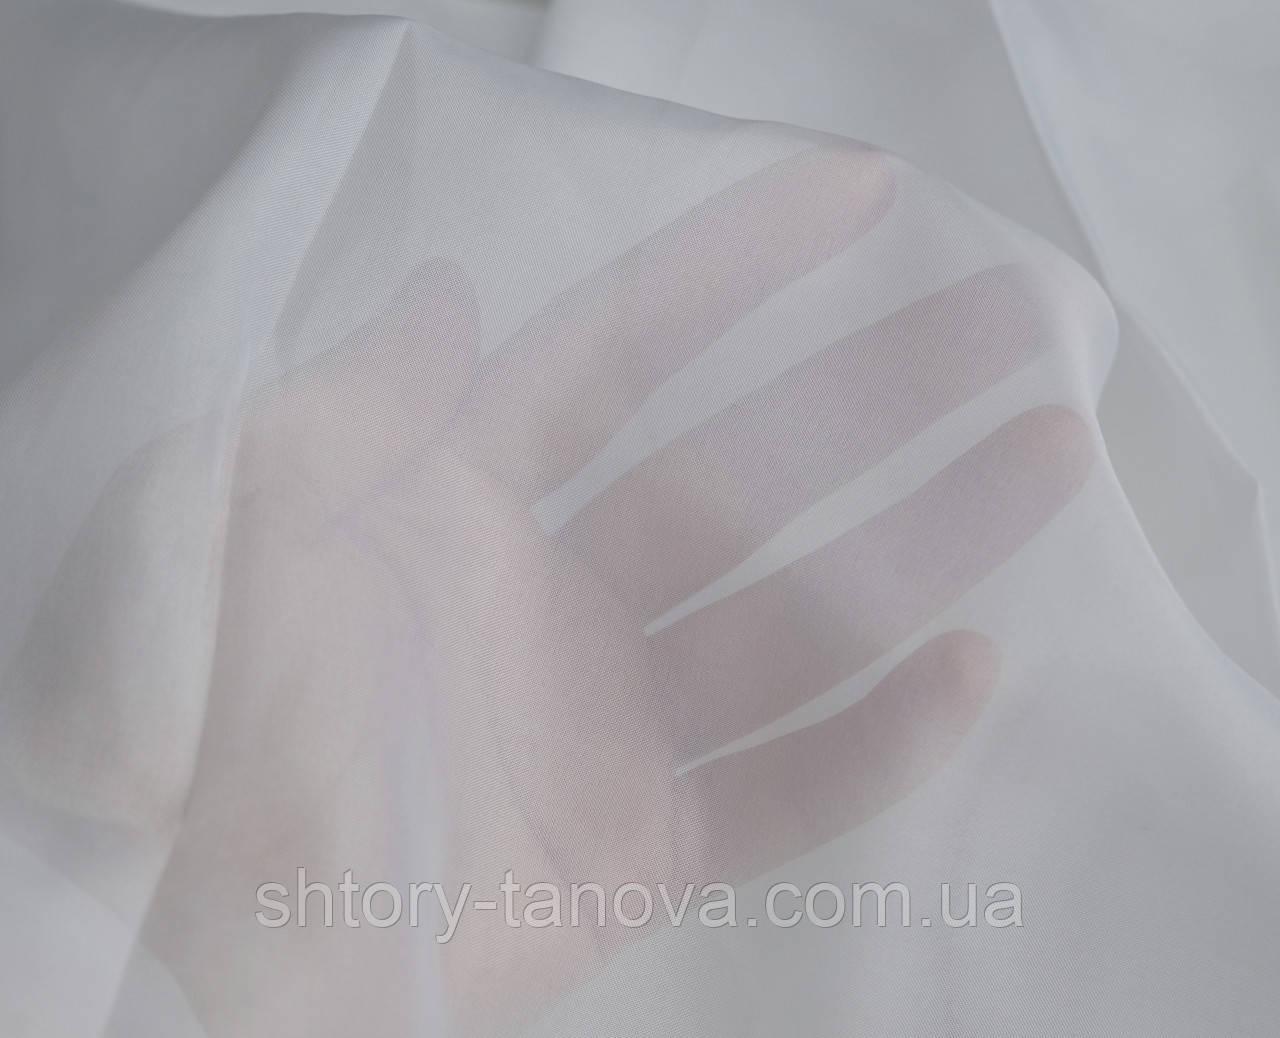 Тюль вуаль ткань купить тюль ткань минск купить